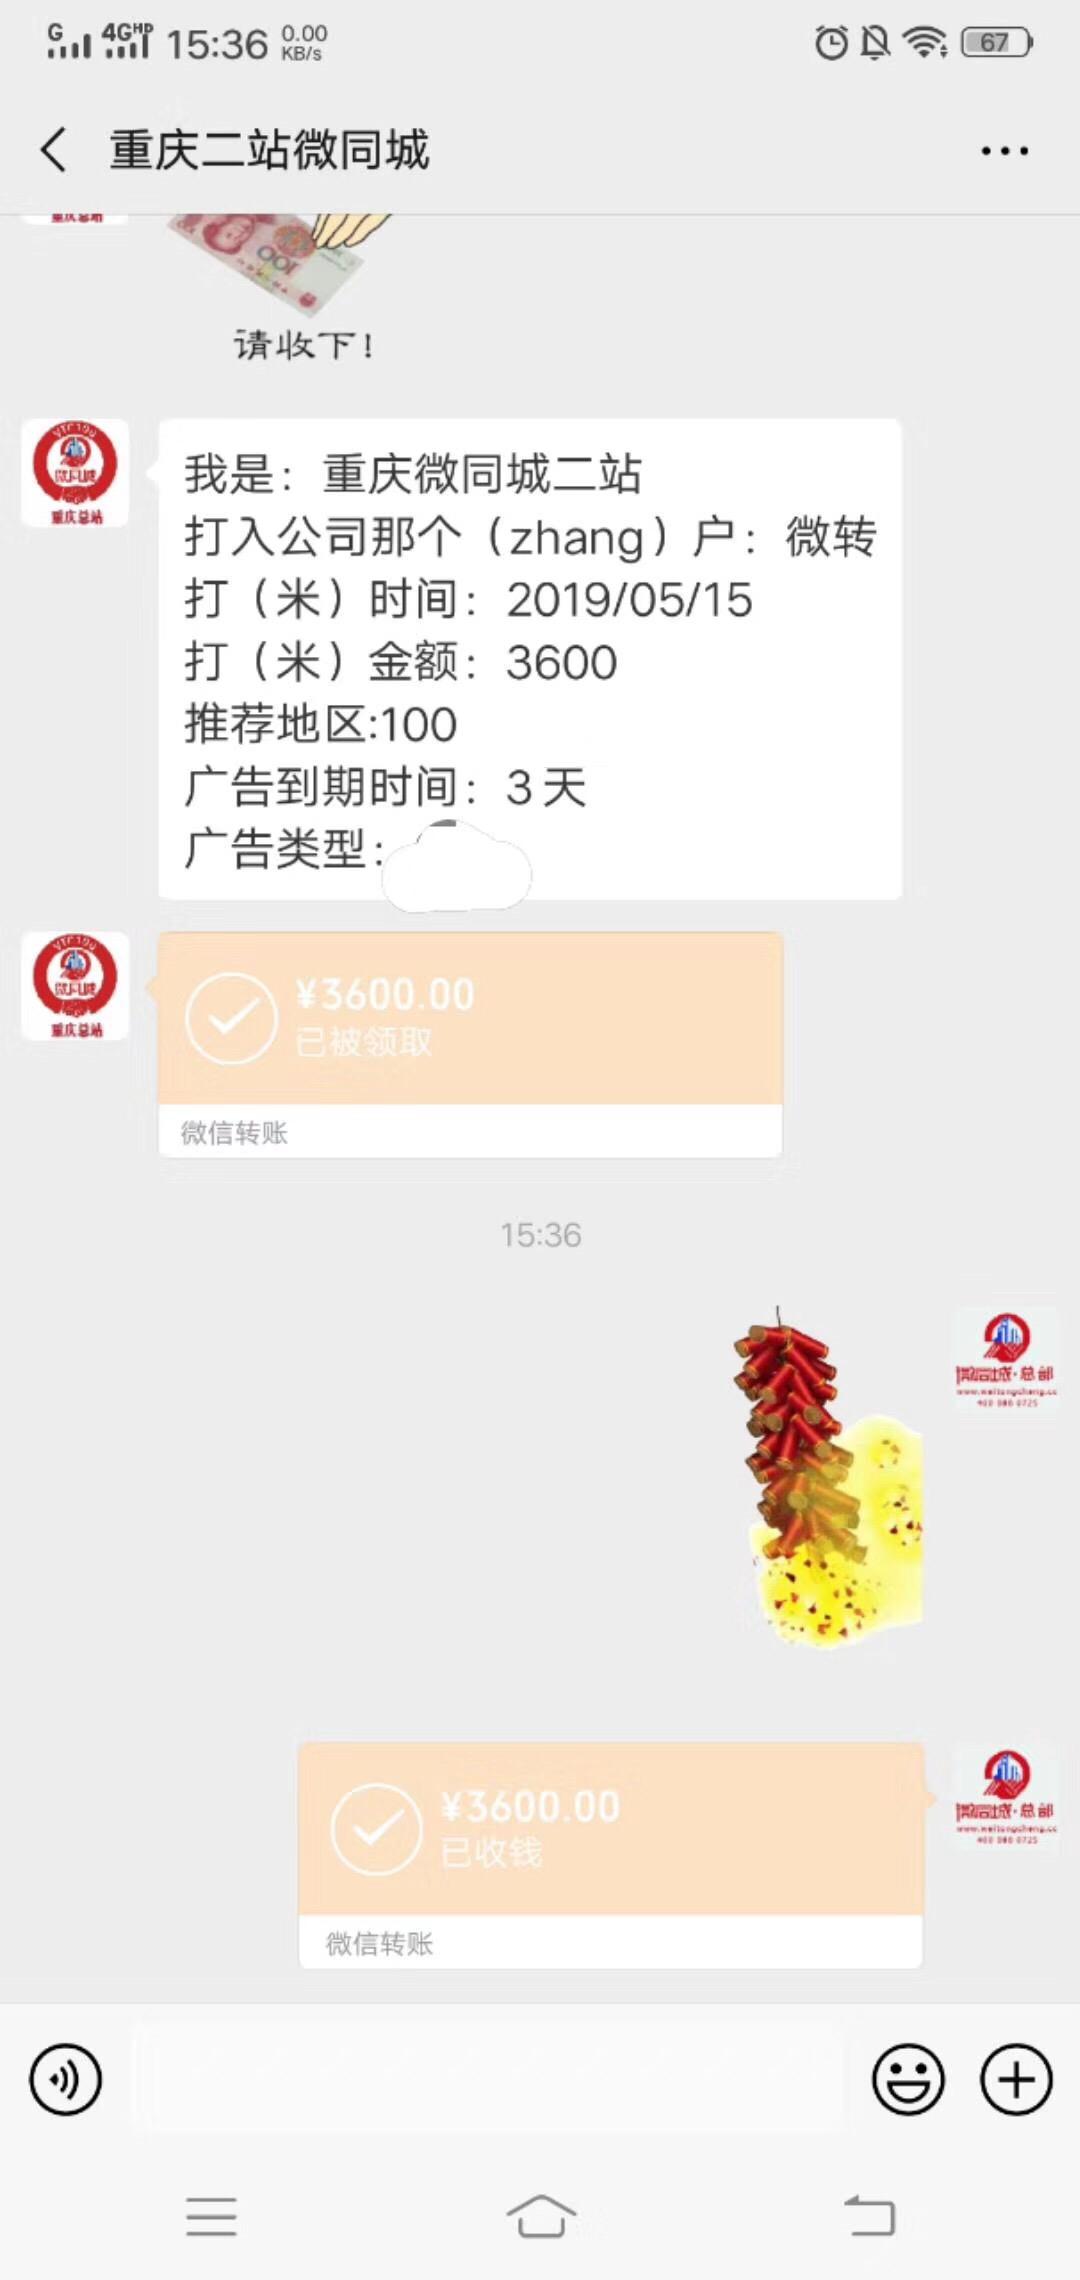 【商家推广100个平台3天】祝贺重庆微全城微帮二站